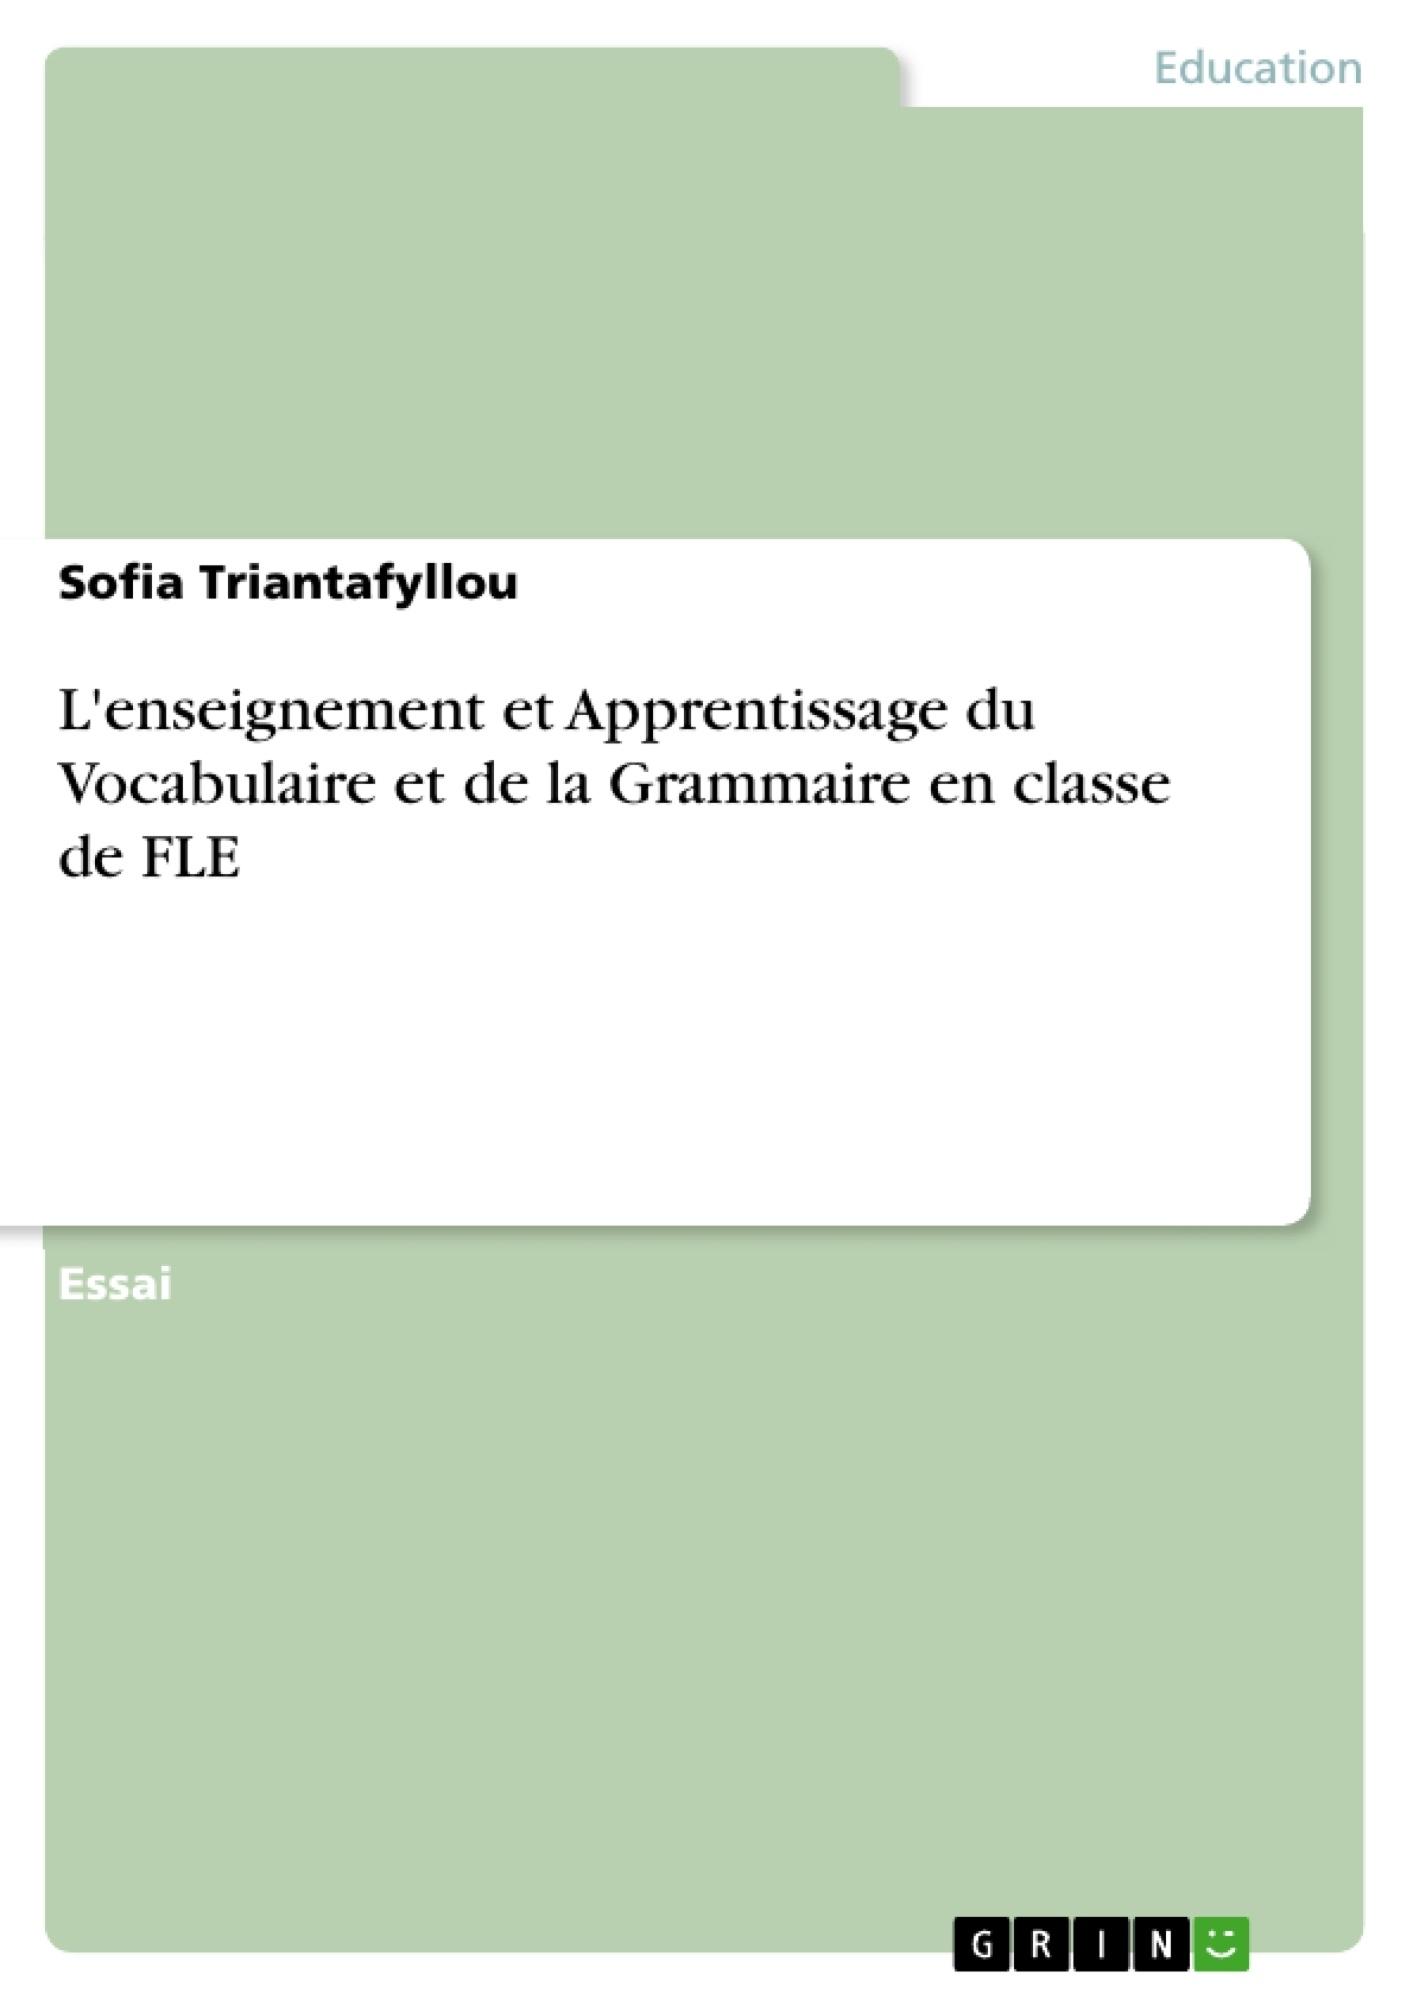 Titre: L'enseignement et Apprentissage du Vocabulaire et de la Grammaire  en classe de FLE